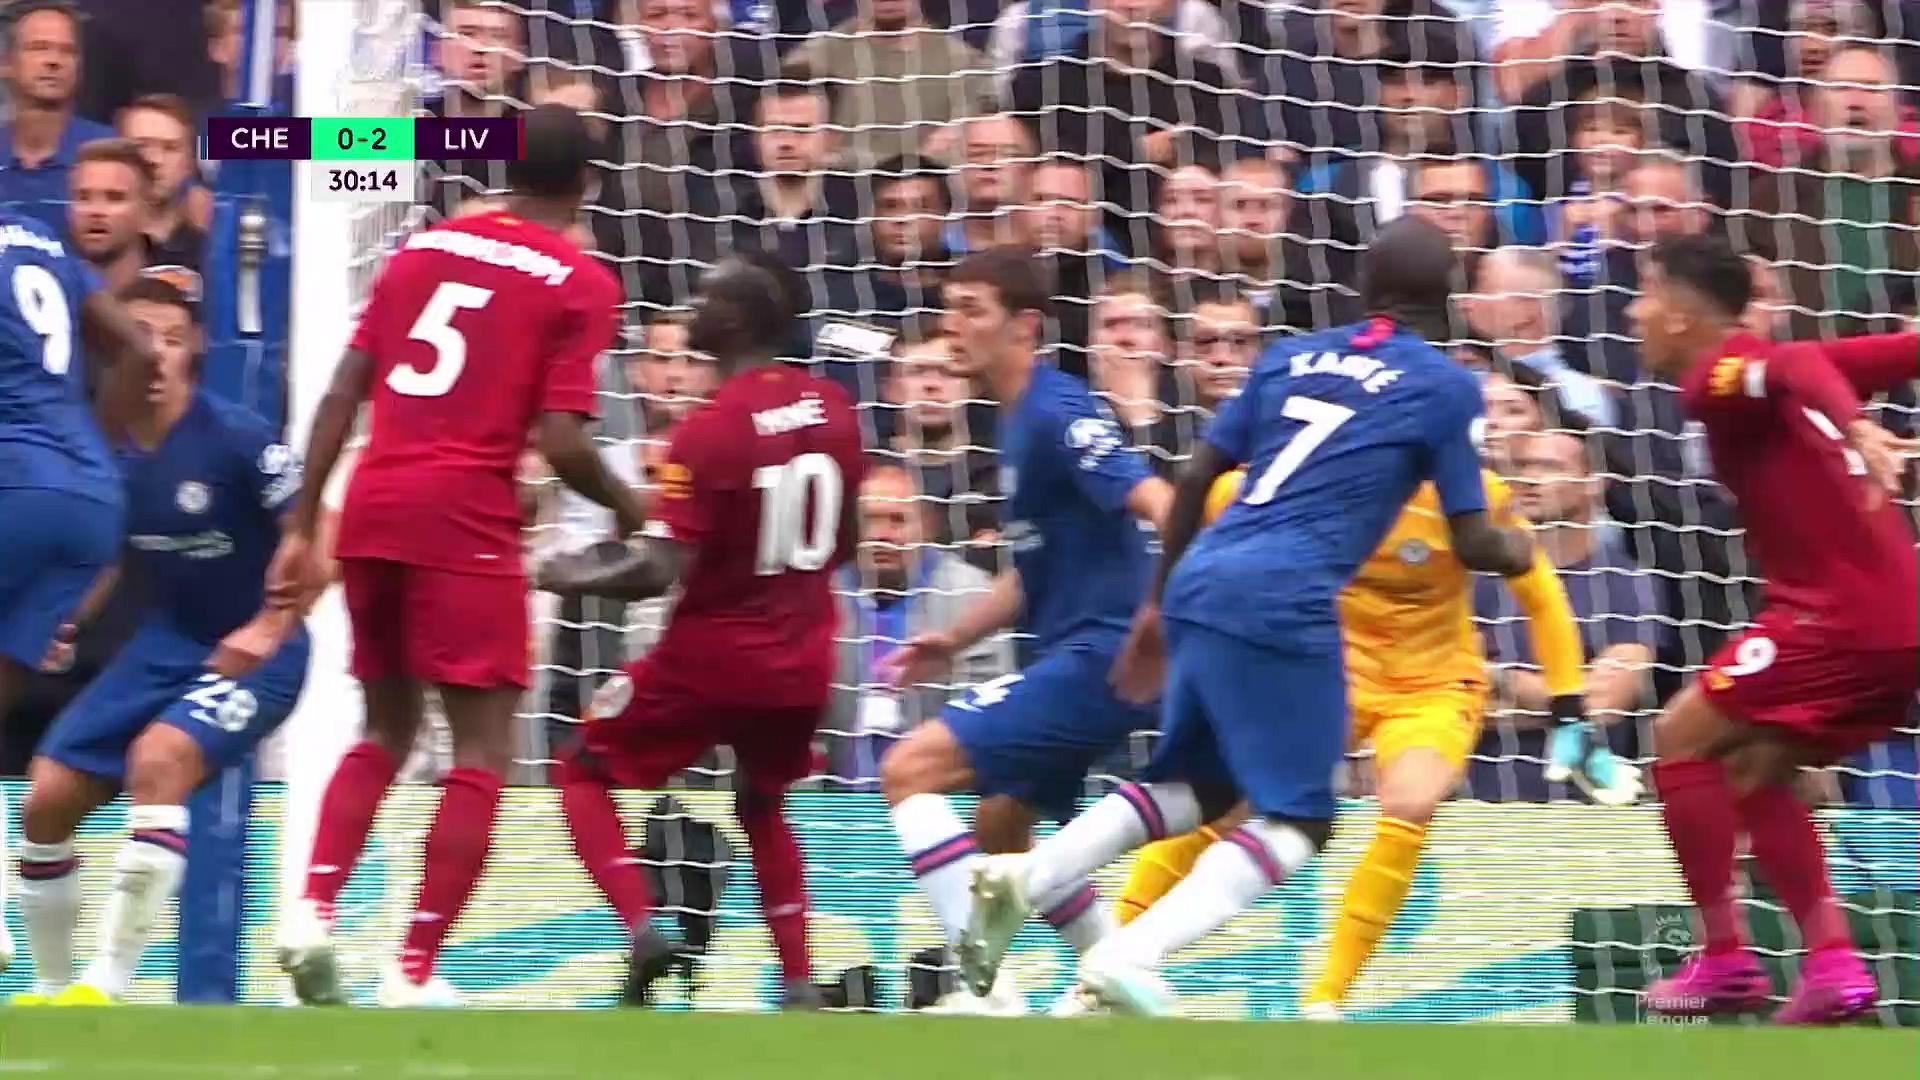 6. Hafta / Chelsea - Liverpool: 1-2 (Özet)